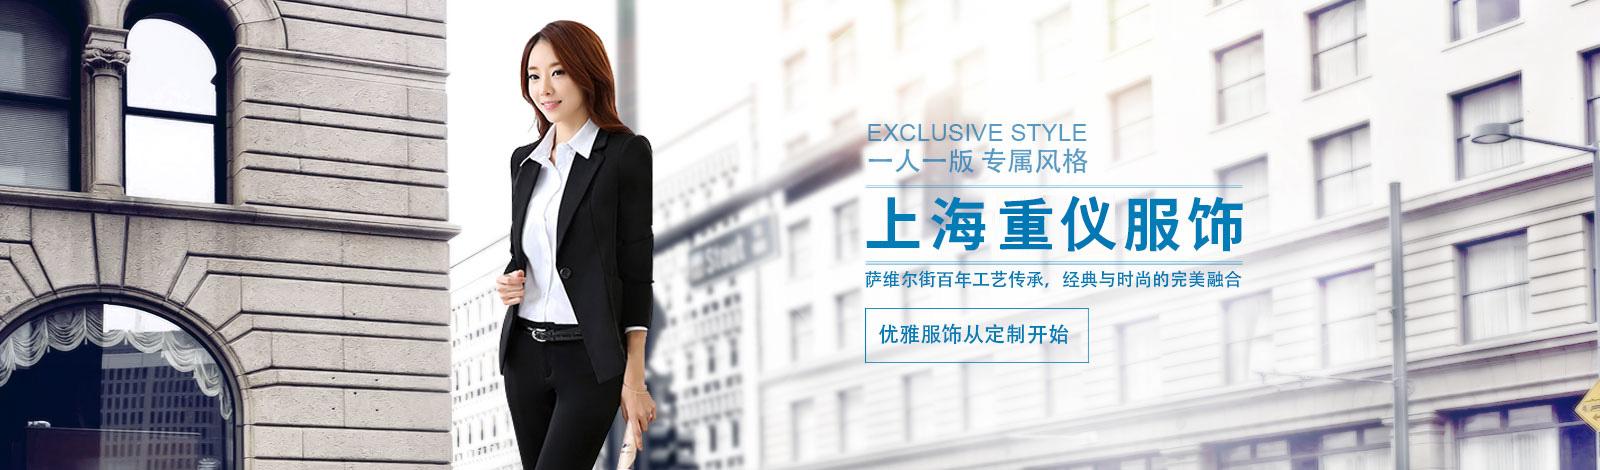 上海重仪服饰有限公司-上海订做工作服订制厂家